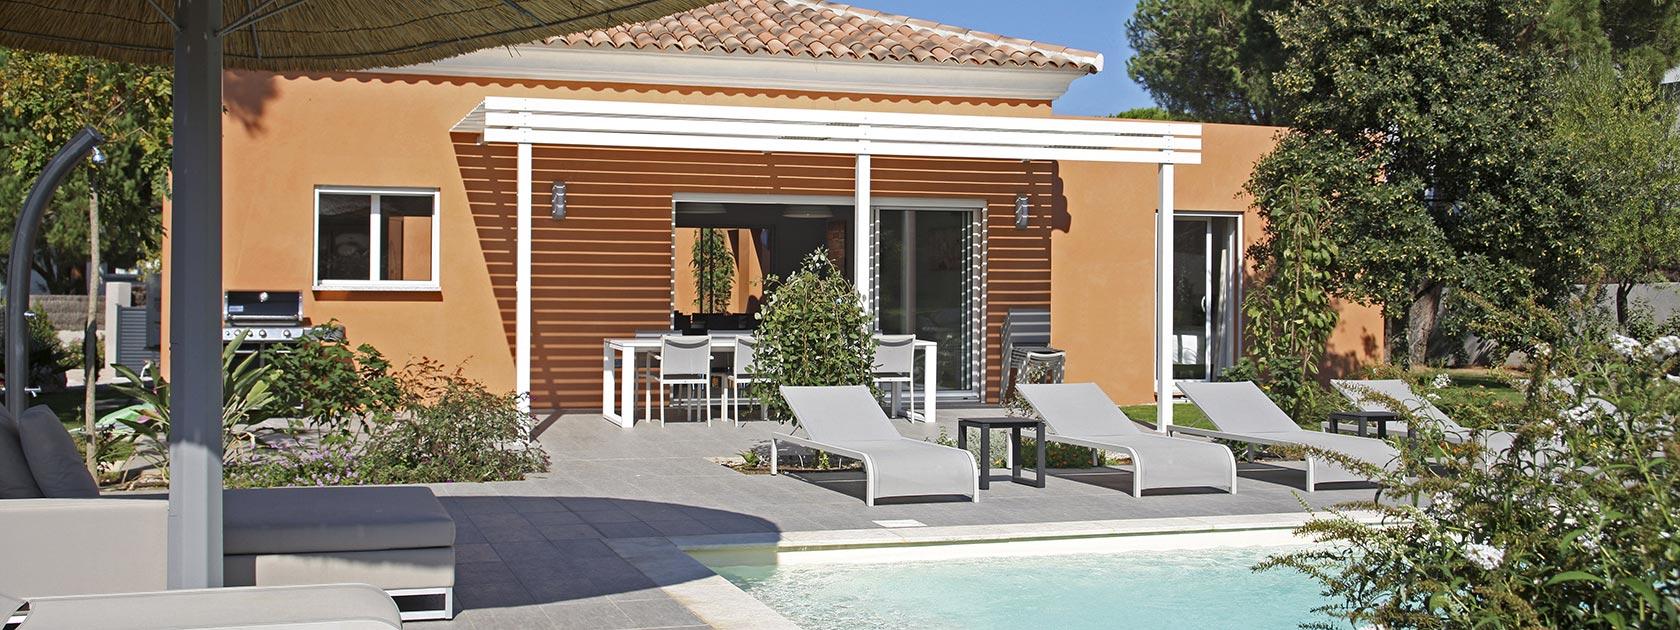 Location maison: proposez votre logement pour l'été